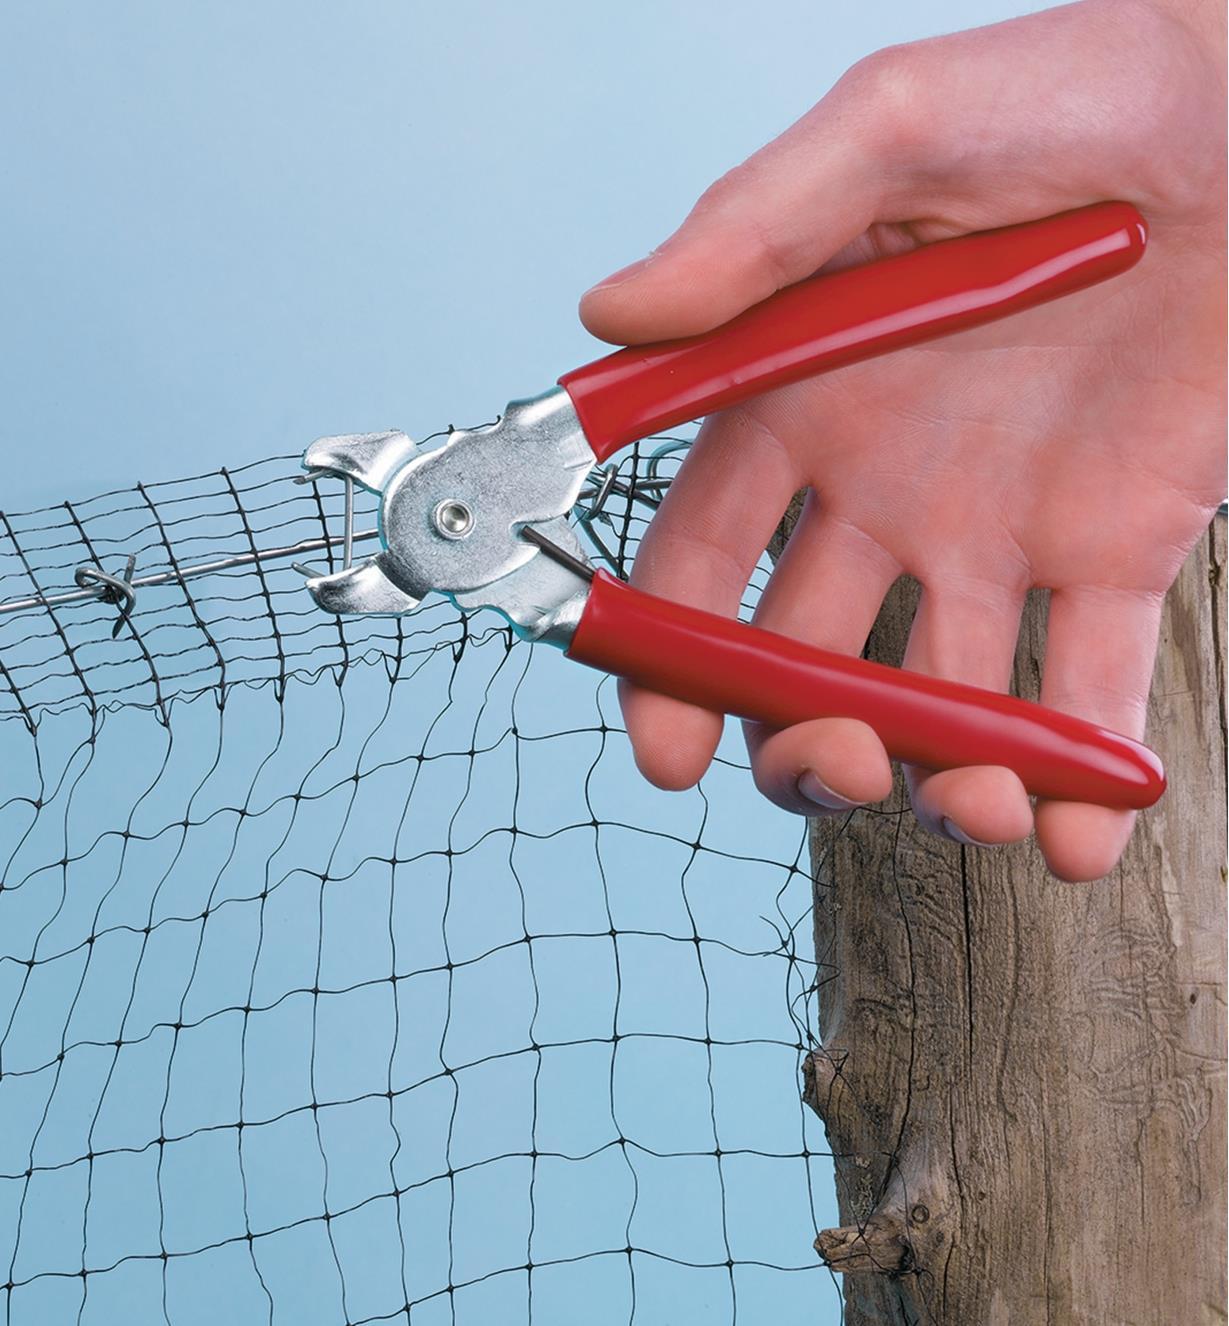 Personne réparant une clôture à l'aide d'un anneau et des pinces pour anneaux ouverts